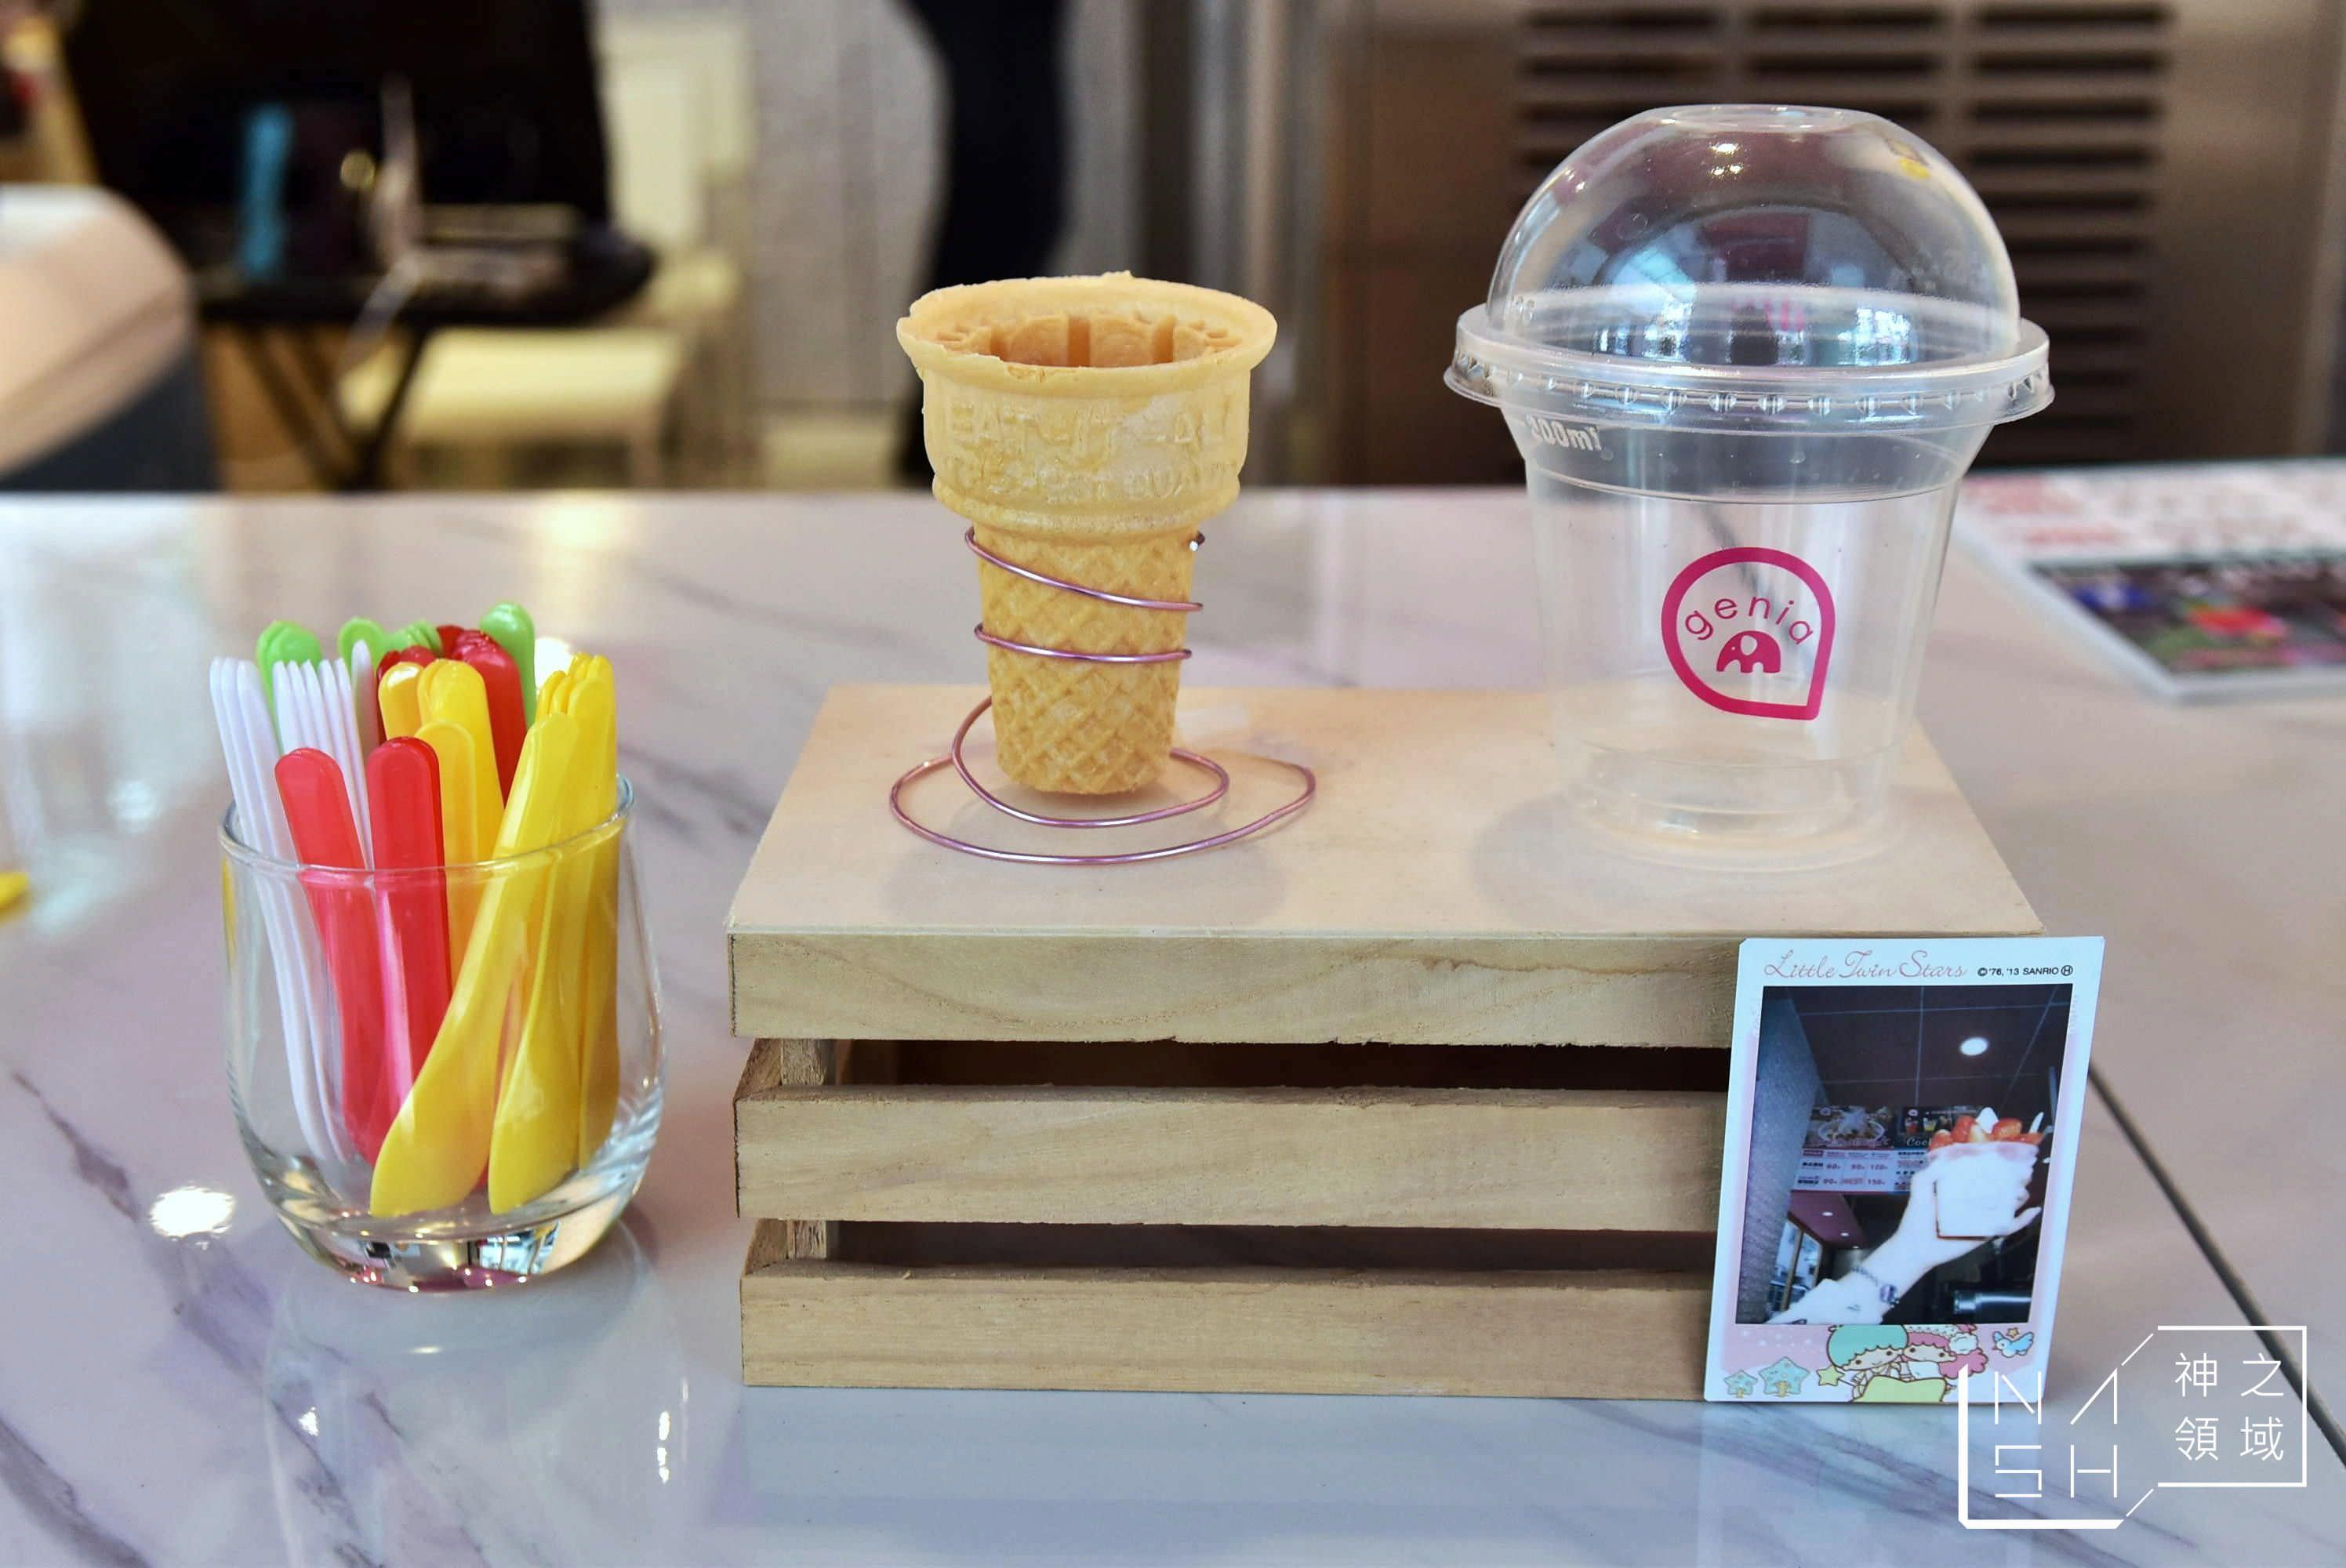 Genia創意優格霜淇淋